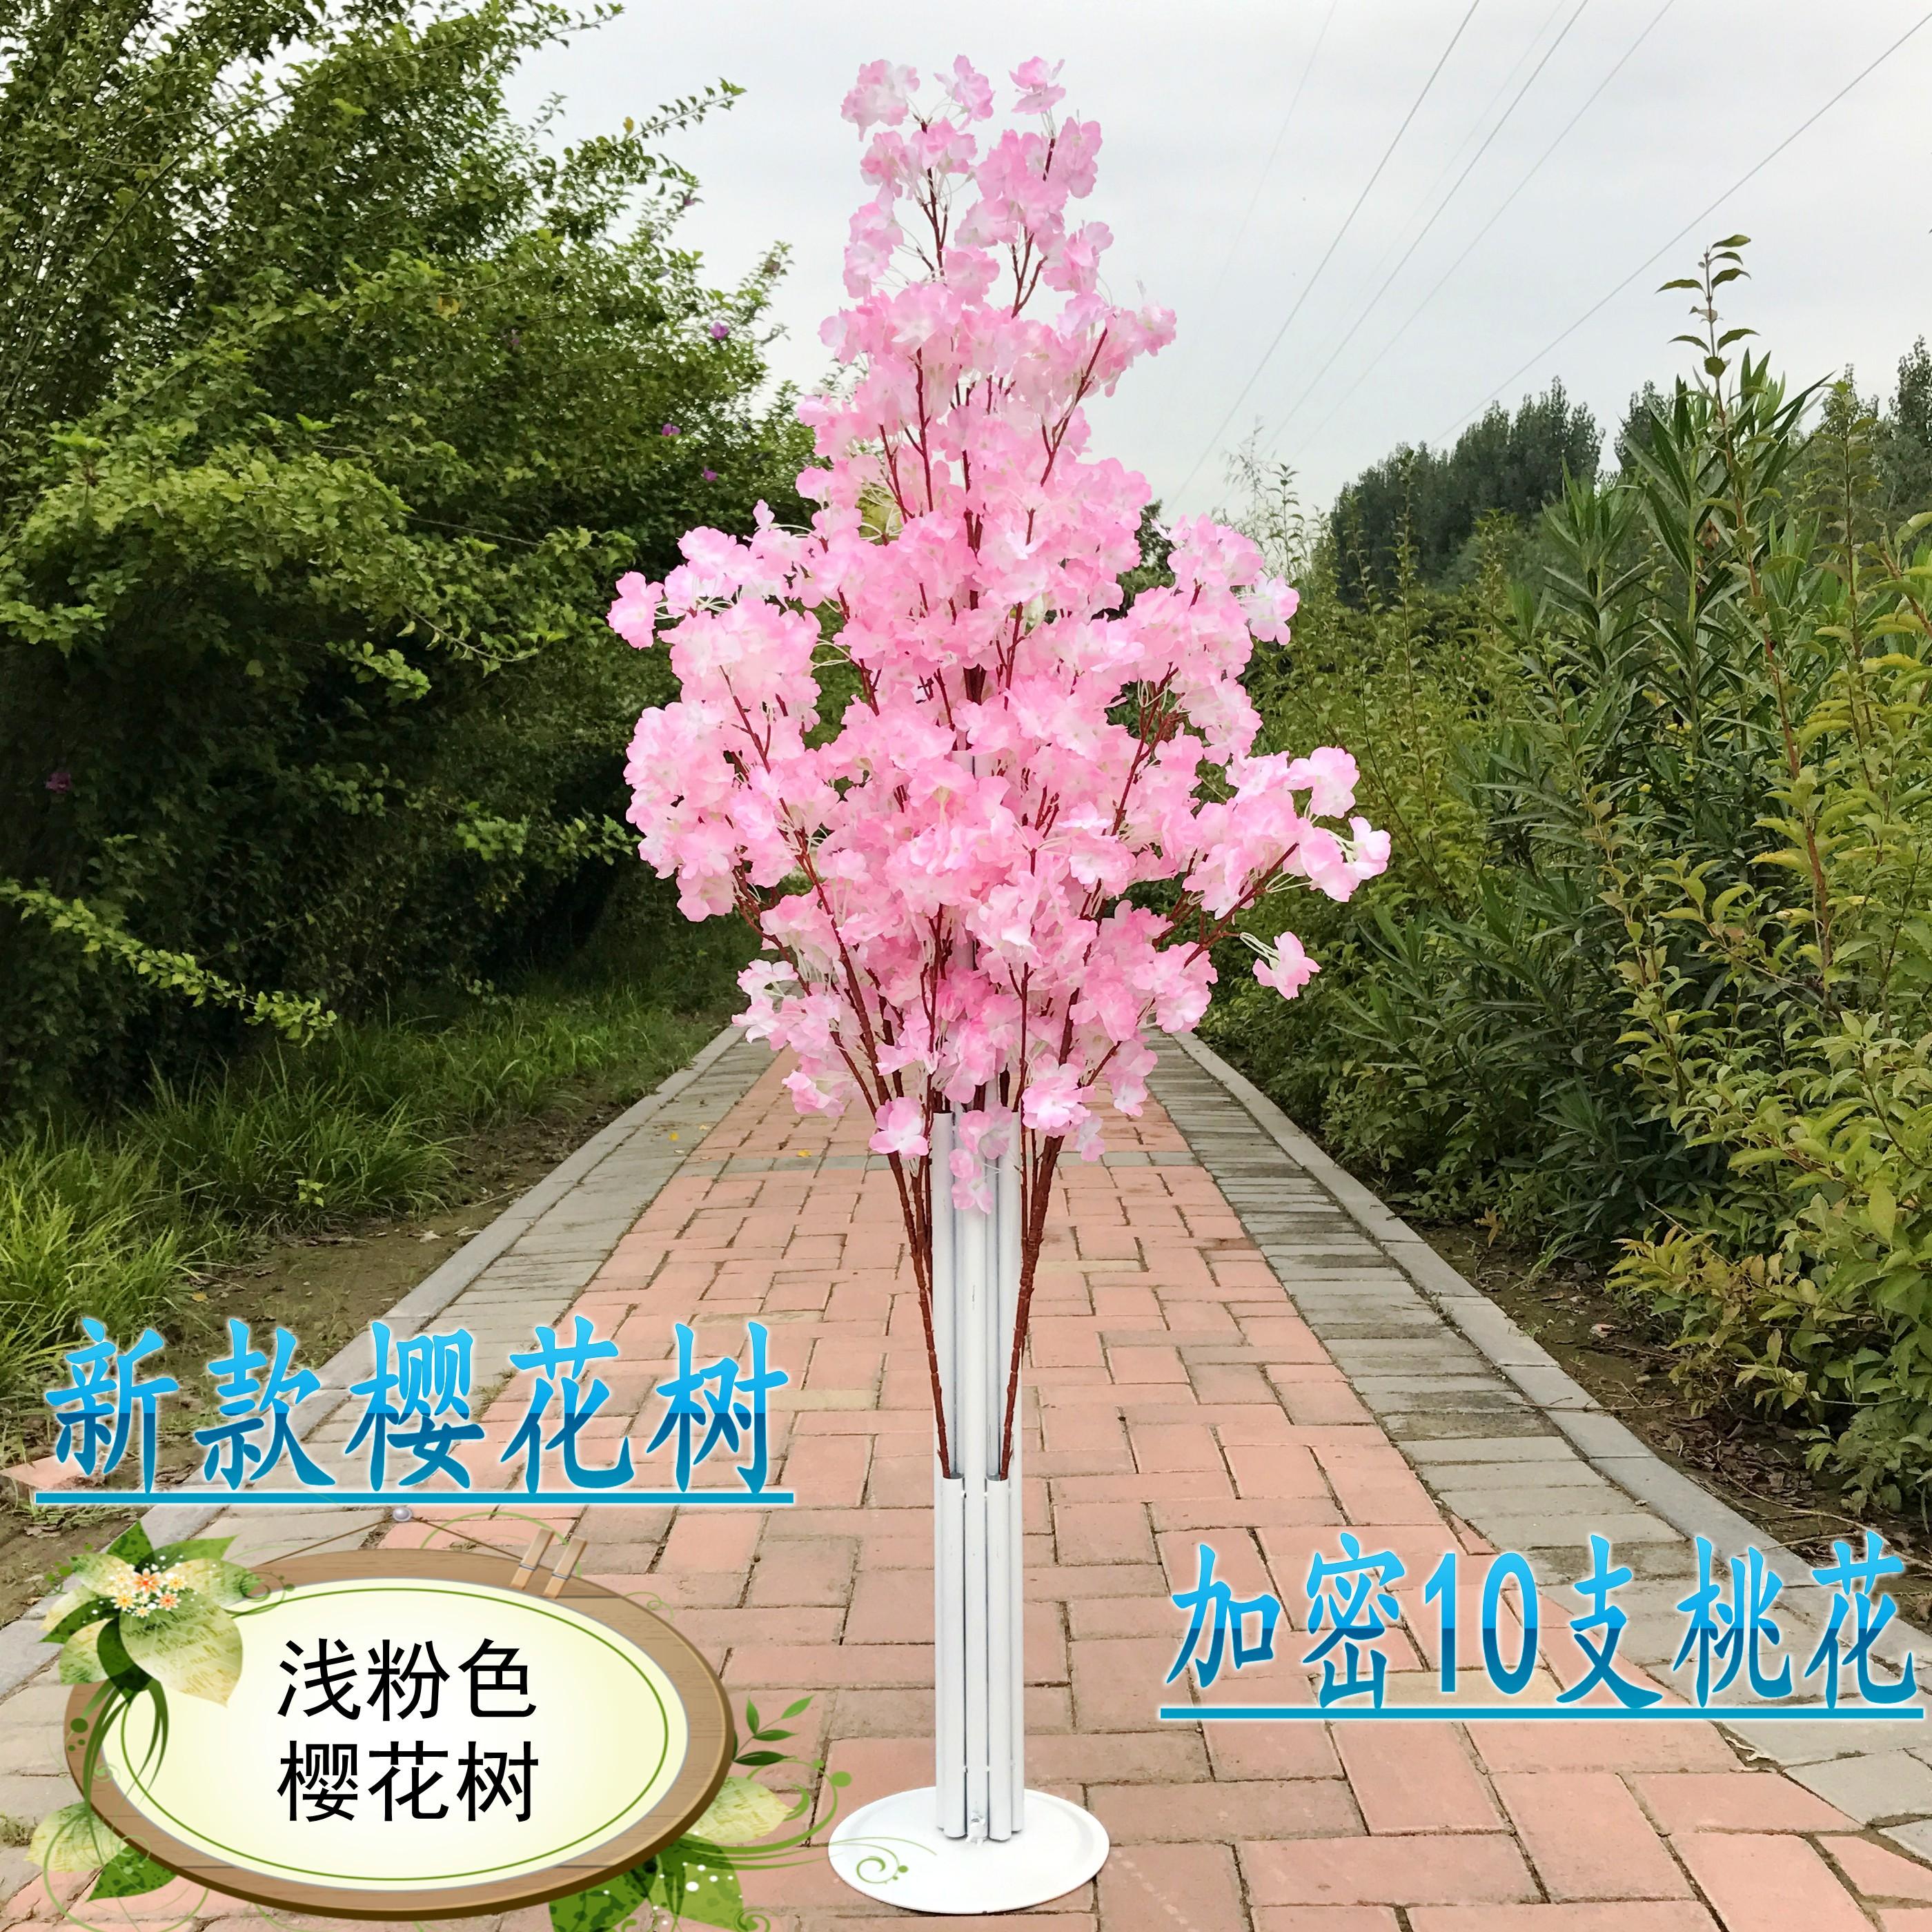 Новый свадьба реквизит прекрасный цветок арка моделирование цветение вишни дерево привел гостиная отели ворота поверхность торговый центр декоративный желая дерево